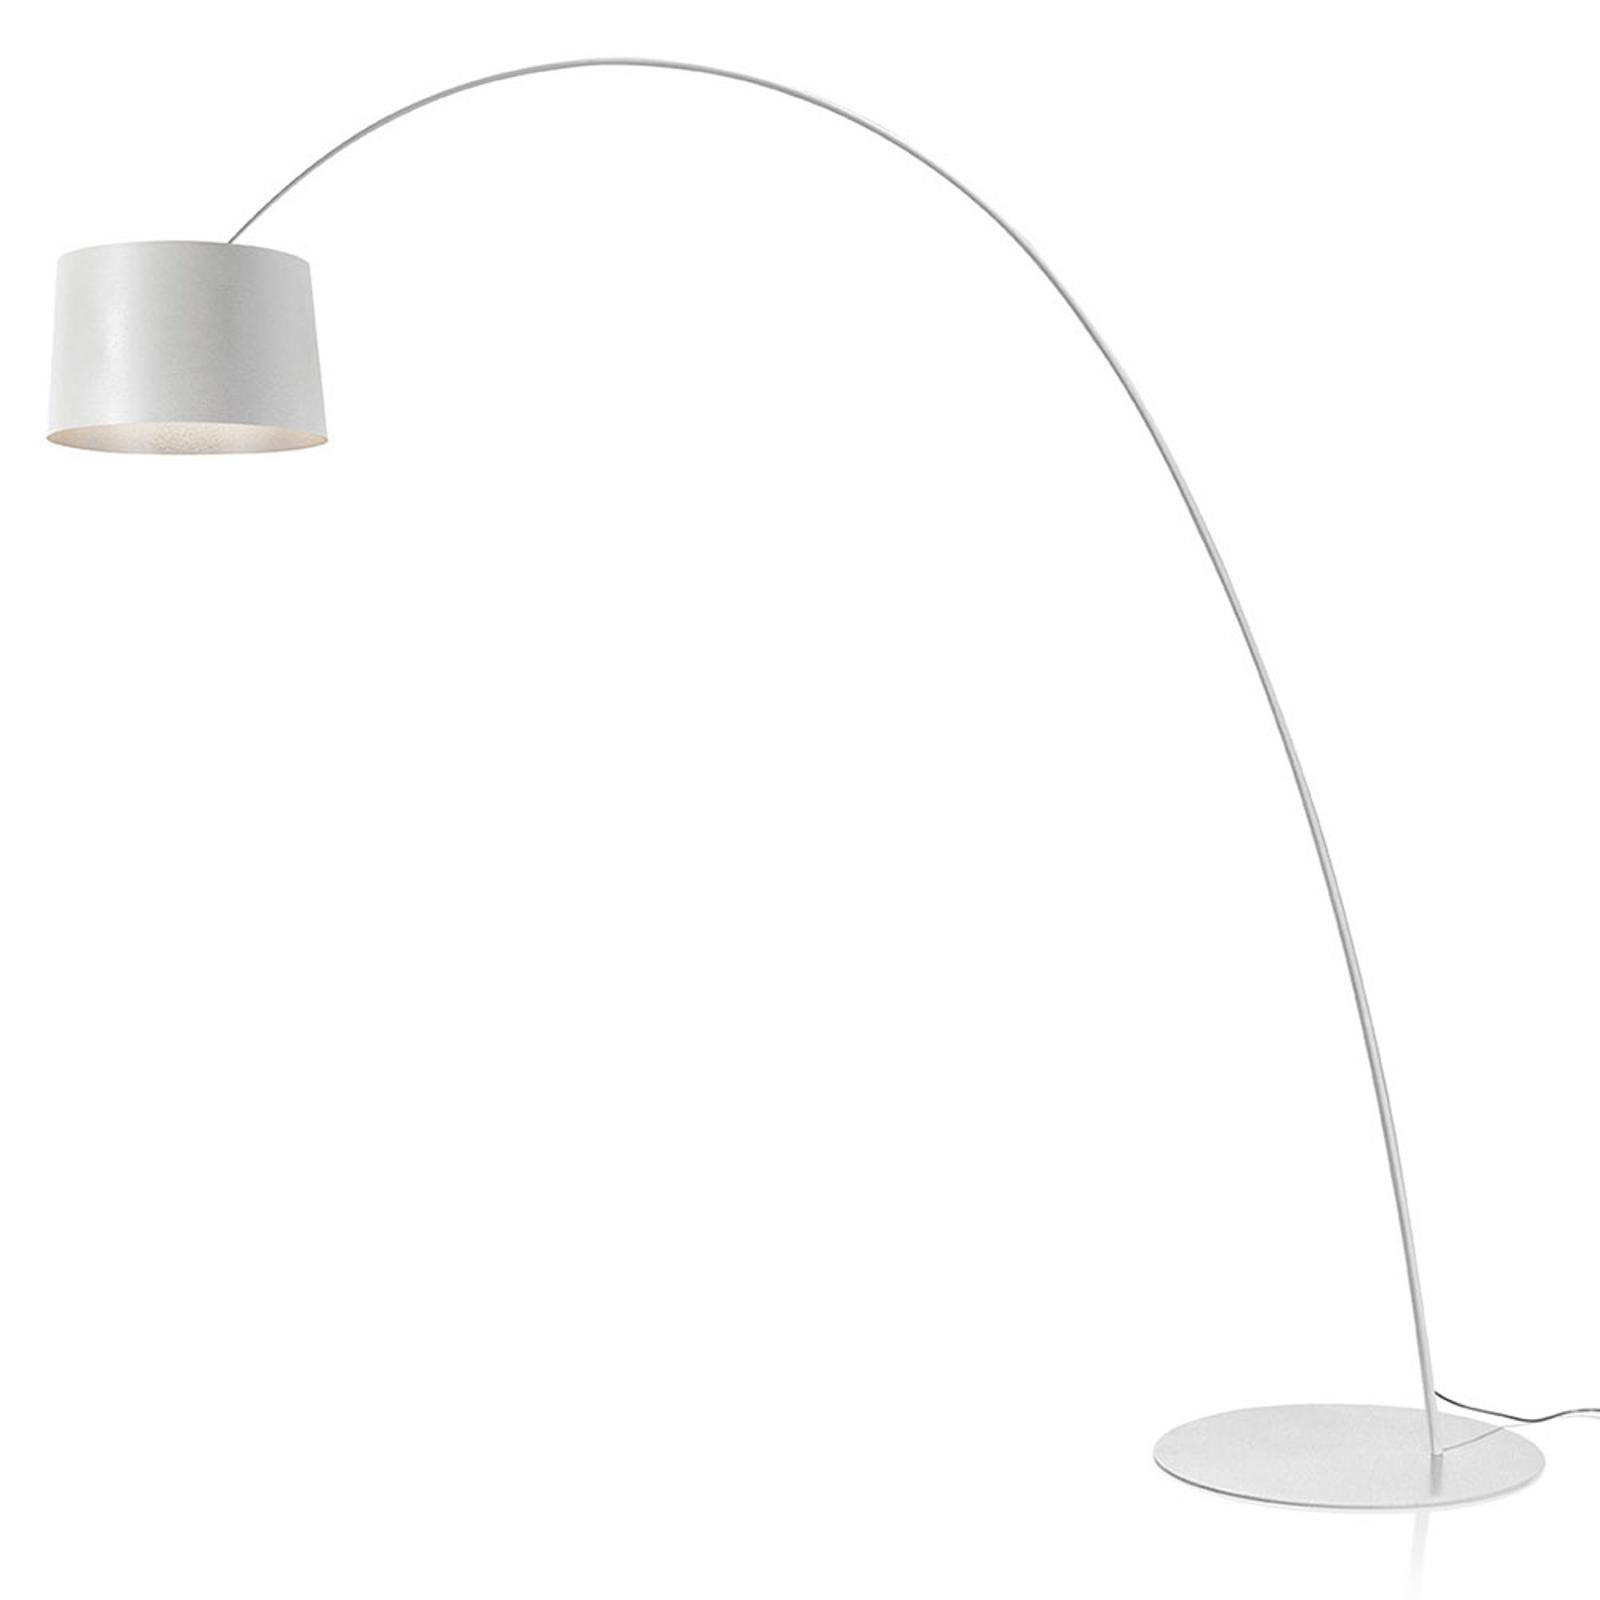 Foscarini Twiggy MyLight LED-Stehleuchte weiß